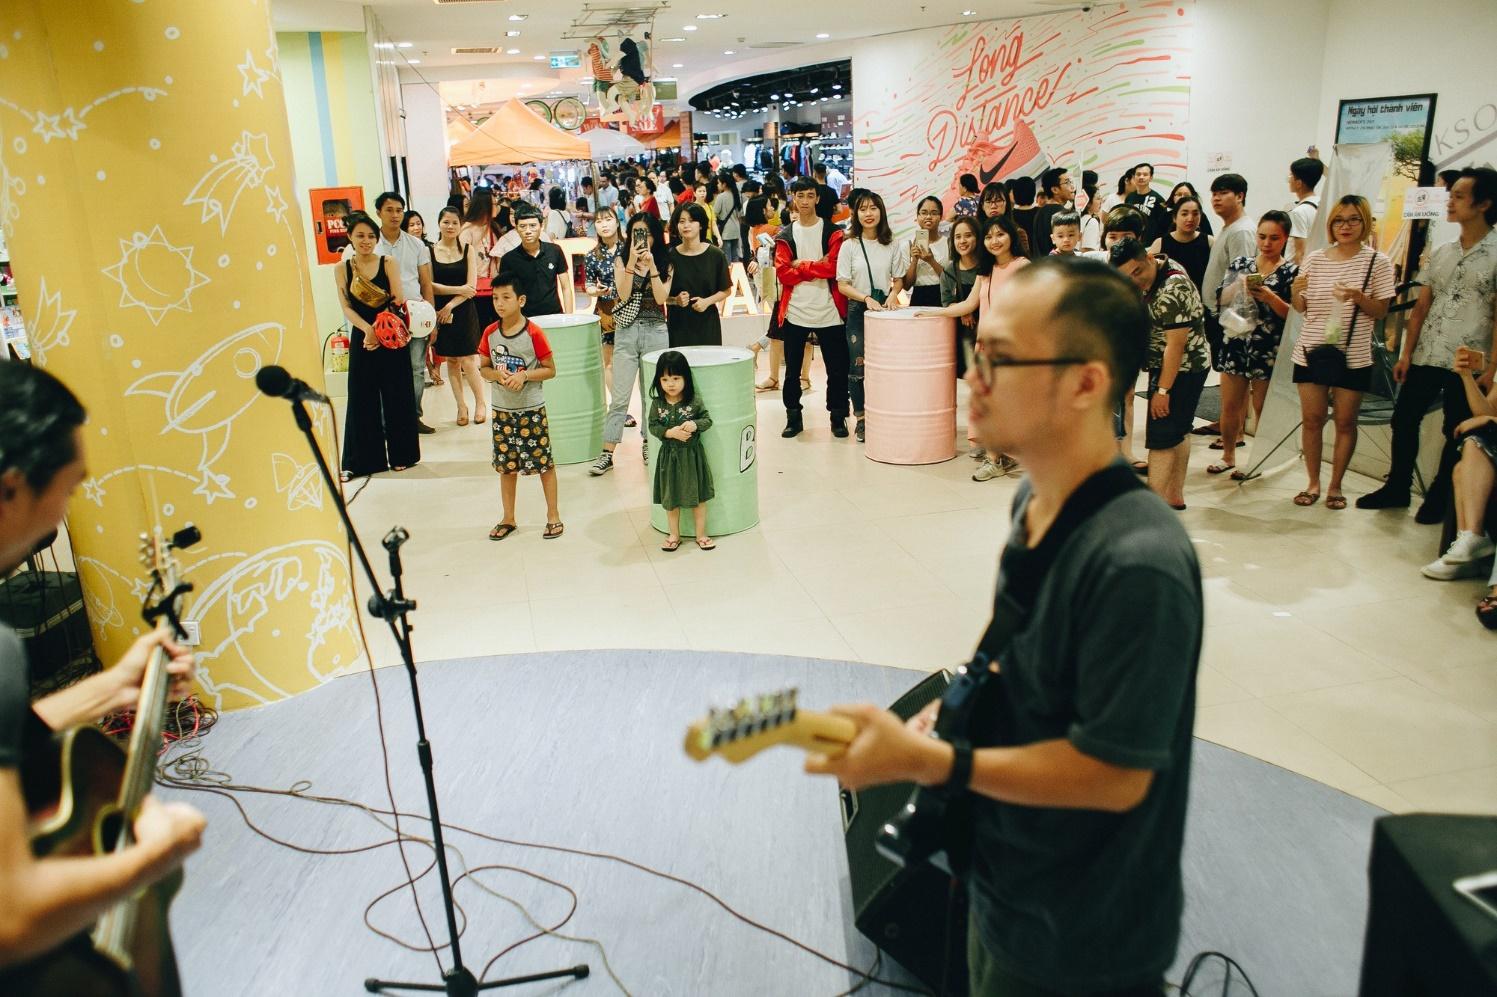 Lâu lắm rồi, Đà Nẵng mới có một chợ phiên khiến giới trẻ chờ mong đến thế này! - Ảnh 11.